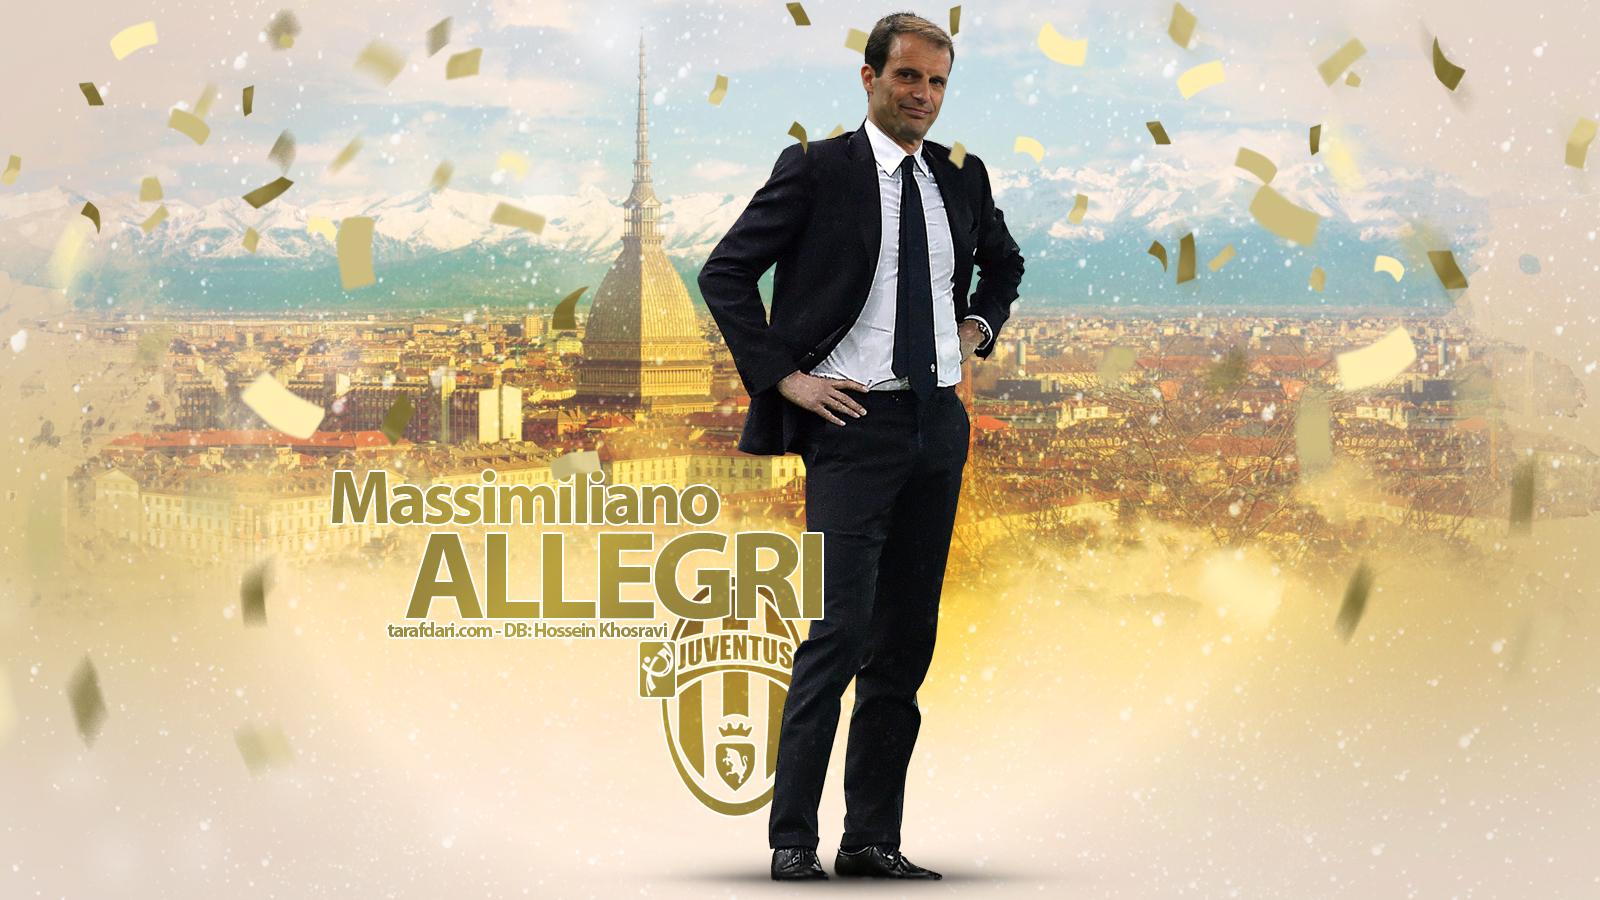 ماسیمیلیانو الگری-Massimiliano Allegri